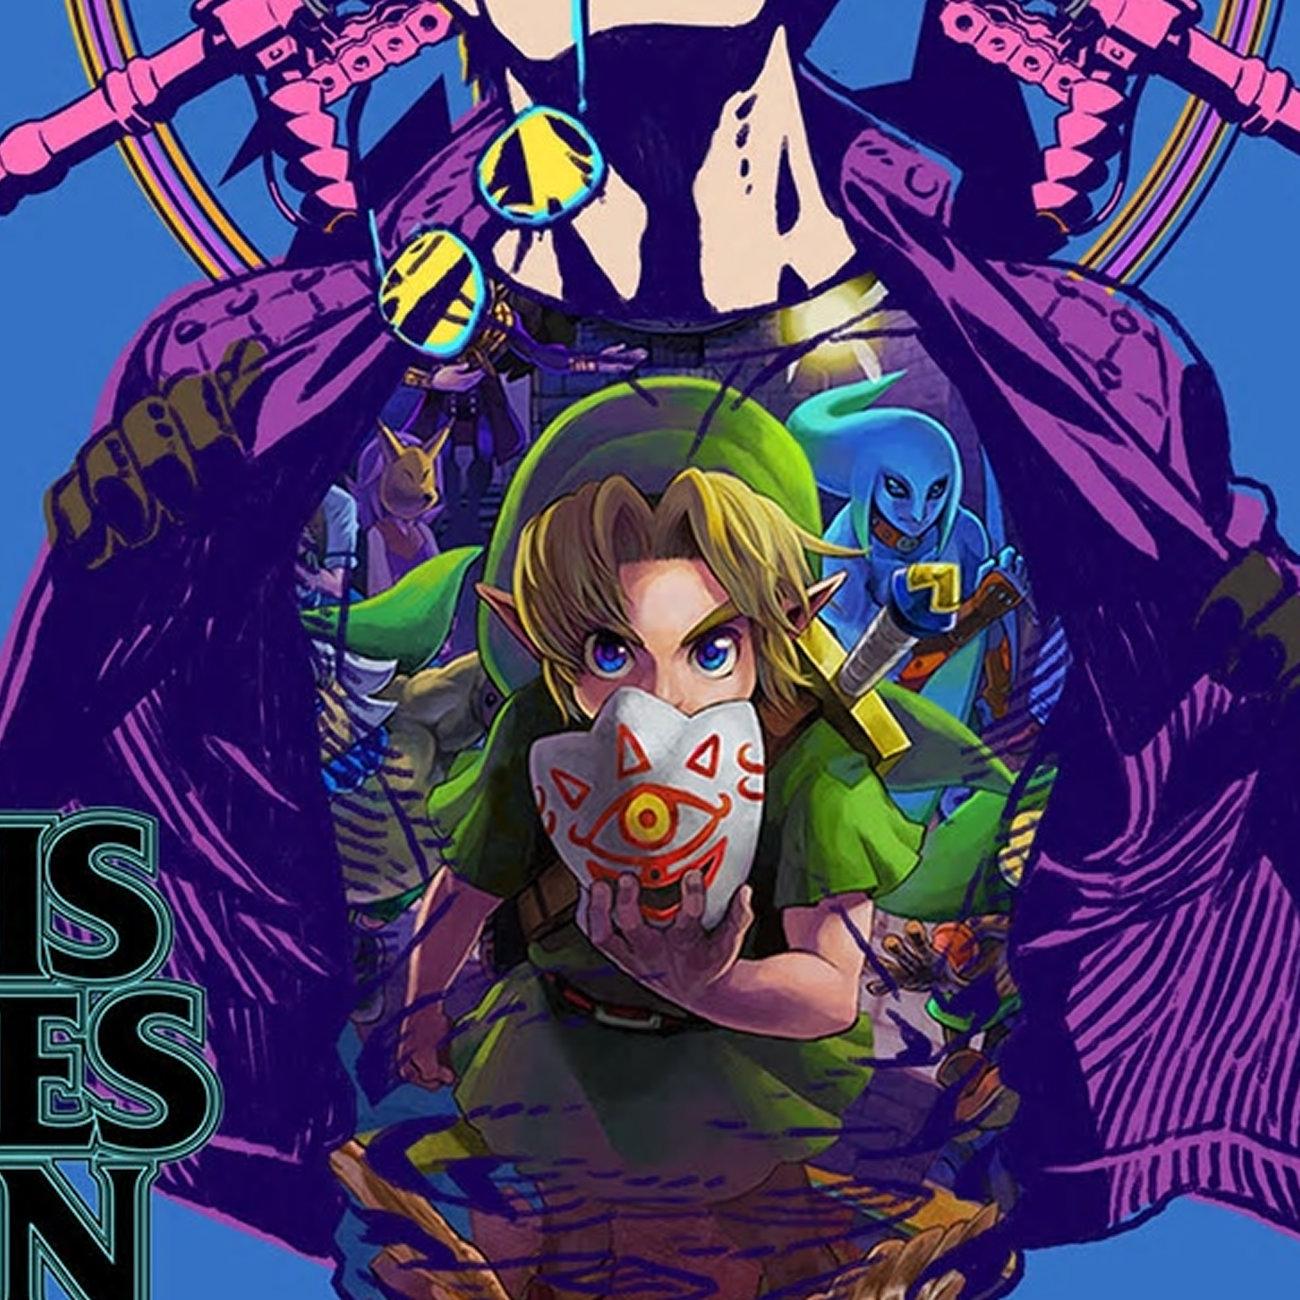 ゼルダの伝説、ムジュラの仮面TシャツがTravis Strikes Again